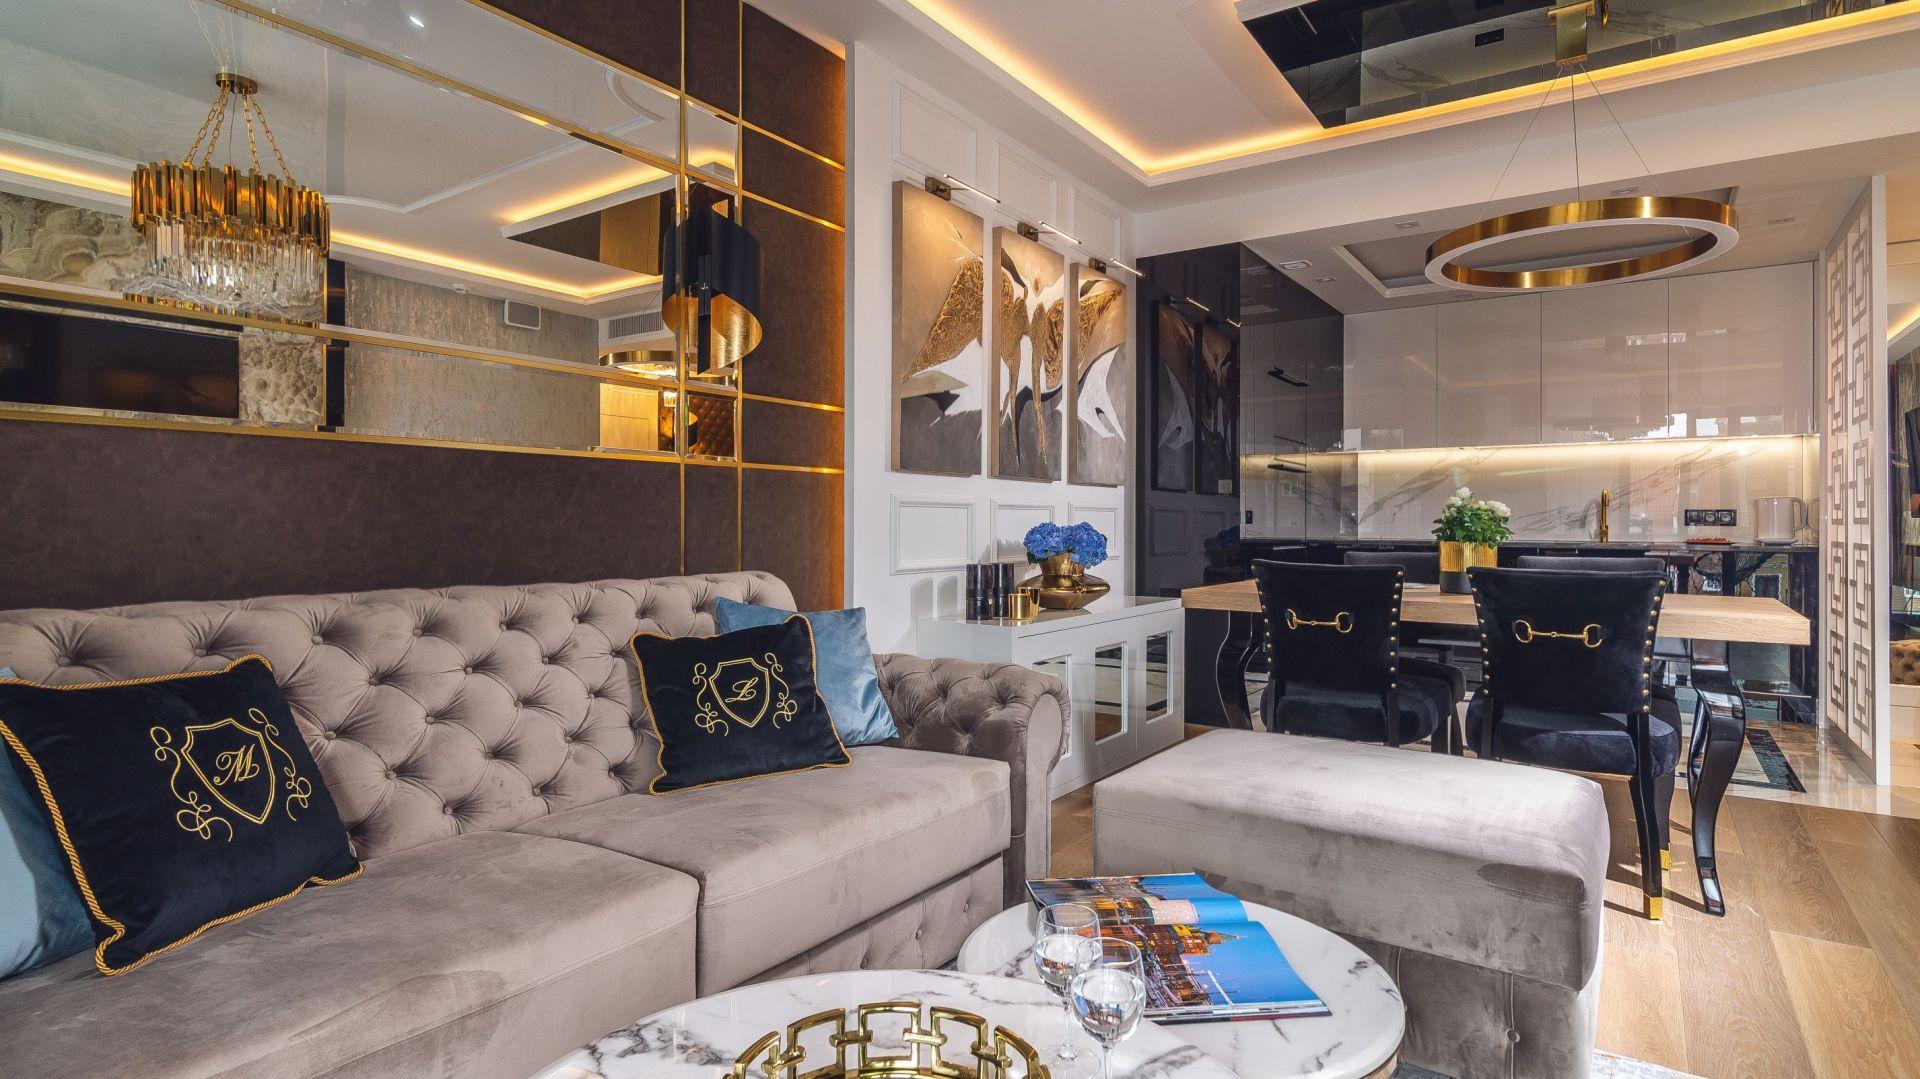 Wnętrze zaprojektowane zostało w stylu glamour. Jest jasne, eleganckie i bardzo przytulne. Projekt: Agnieszka Hajdas-Obajtek. Fot. Wojciech Kic